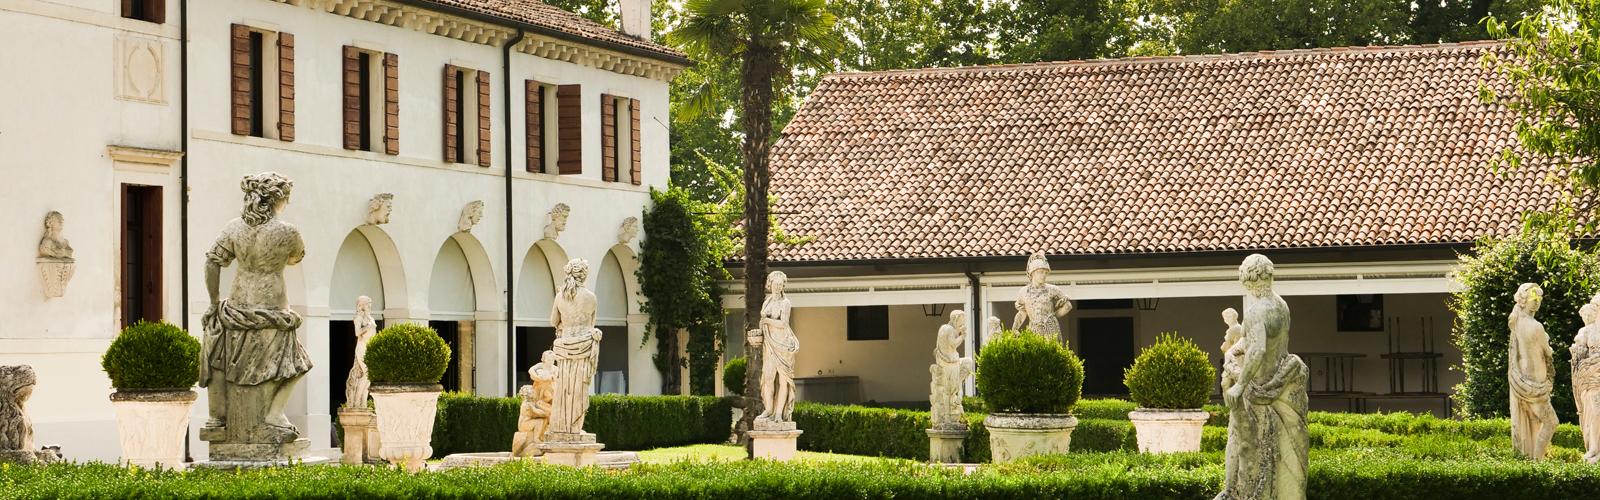 villa Grumolo delle Abbadesse, villa Vicenza, villa Padova, villa loggia, villa porticato, location matrimoni, location matrimonio